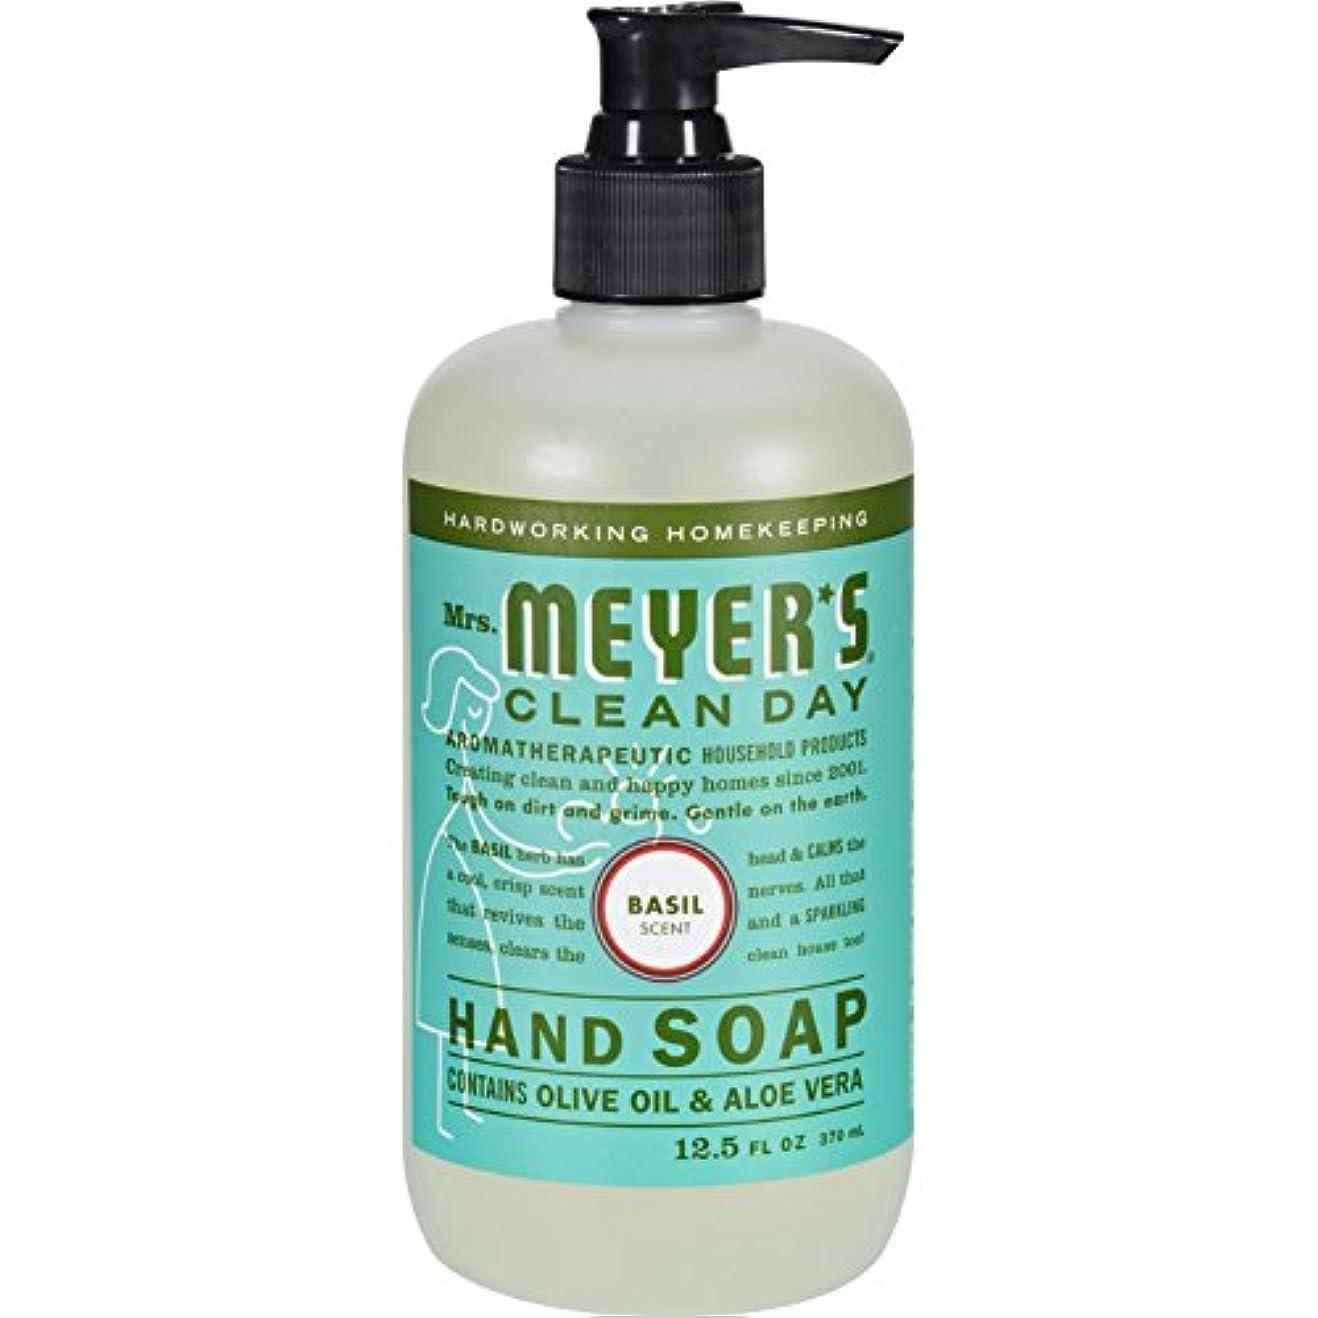 バレル専門震えるMRS. MEYER'S HAND SOAP,LIQ,BASIL, 12.5 FZ by Mrs. Meyer's Clean Day